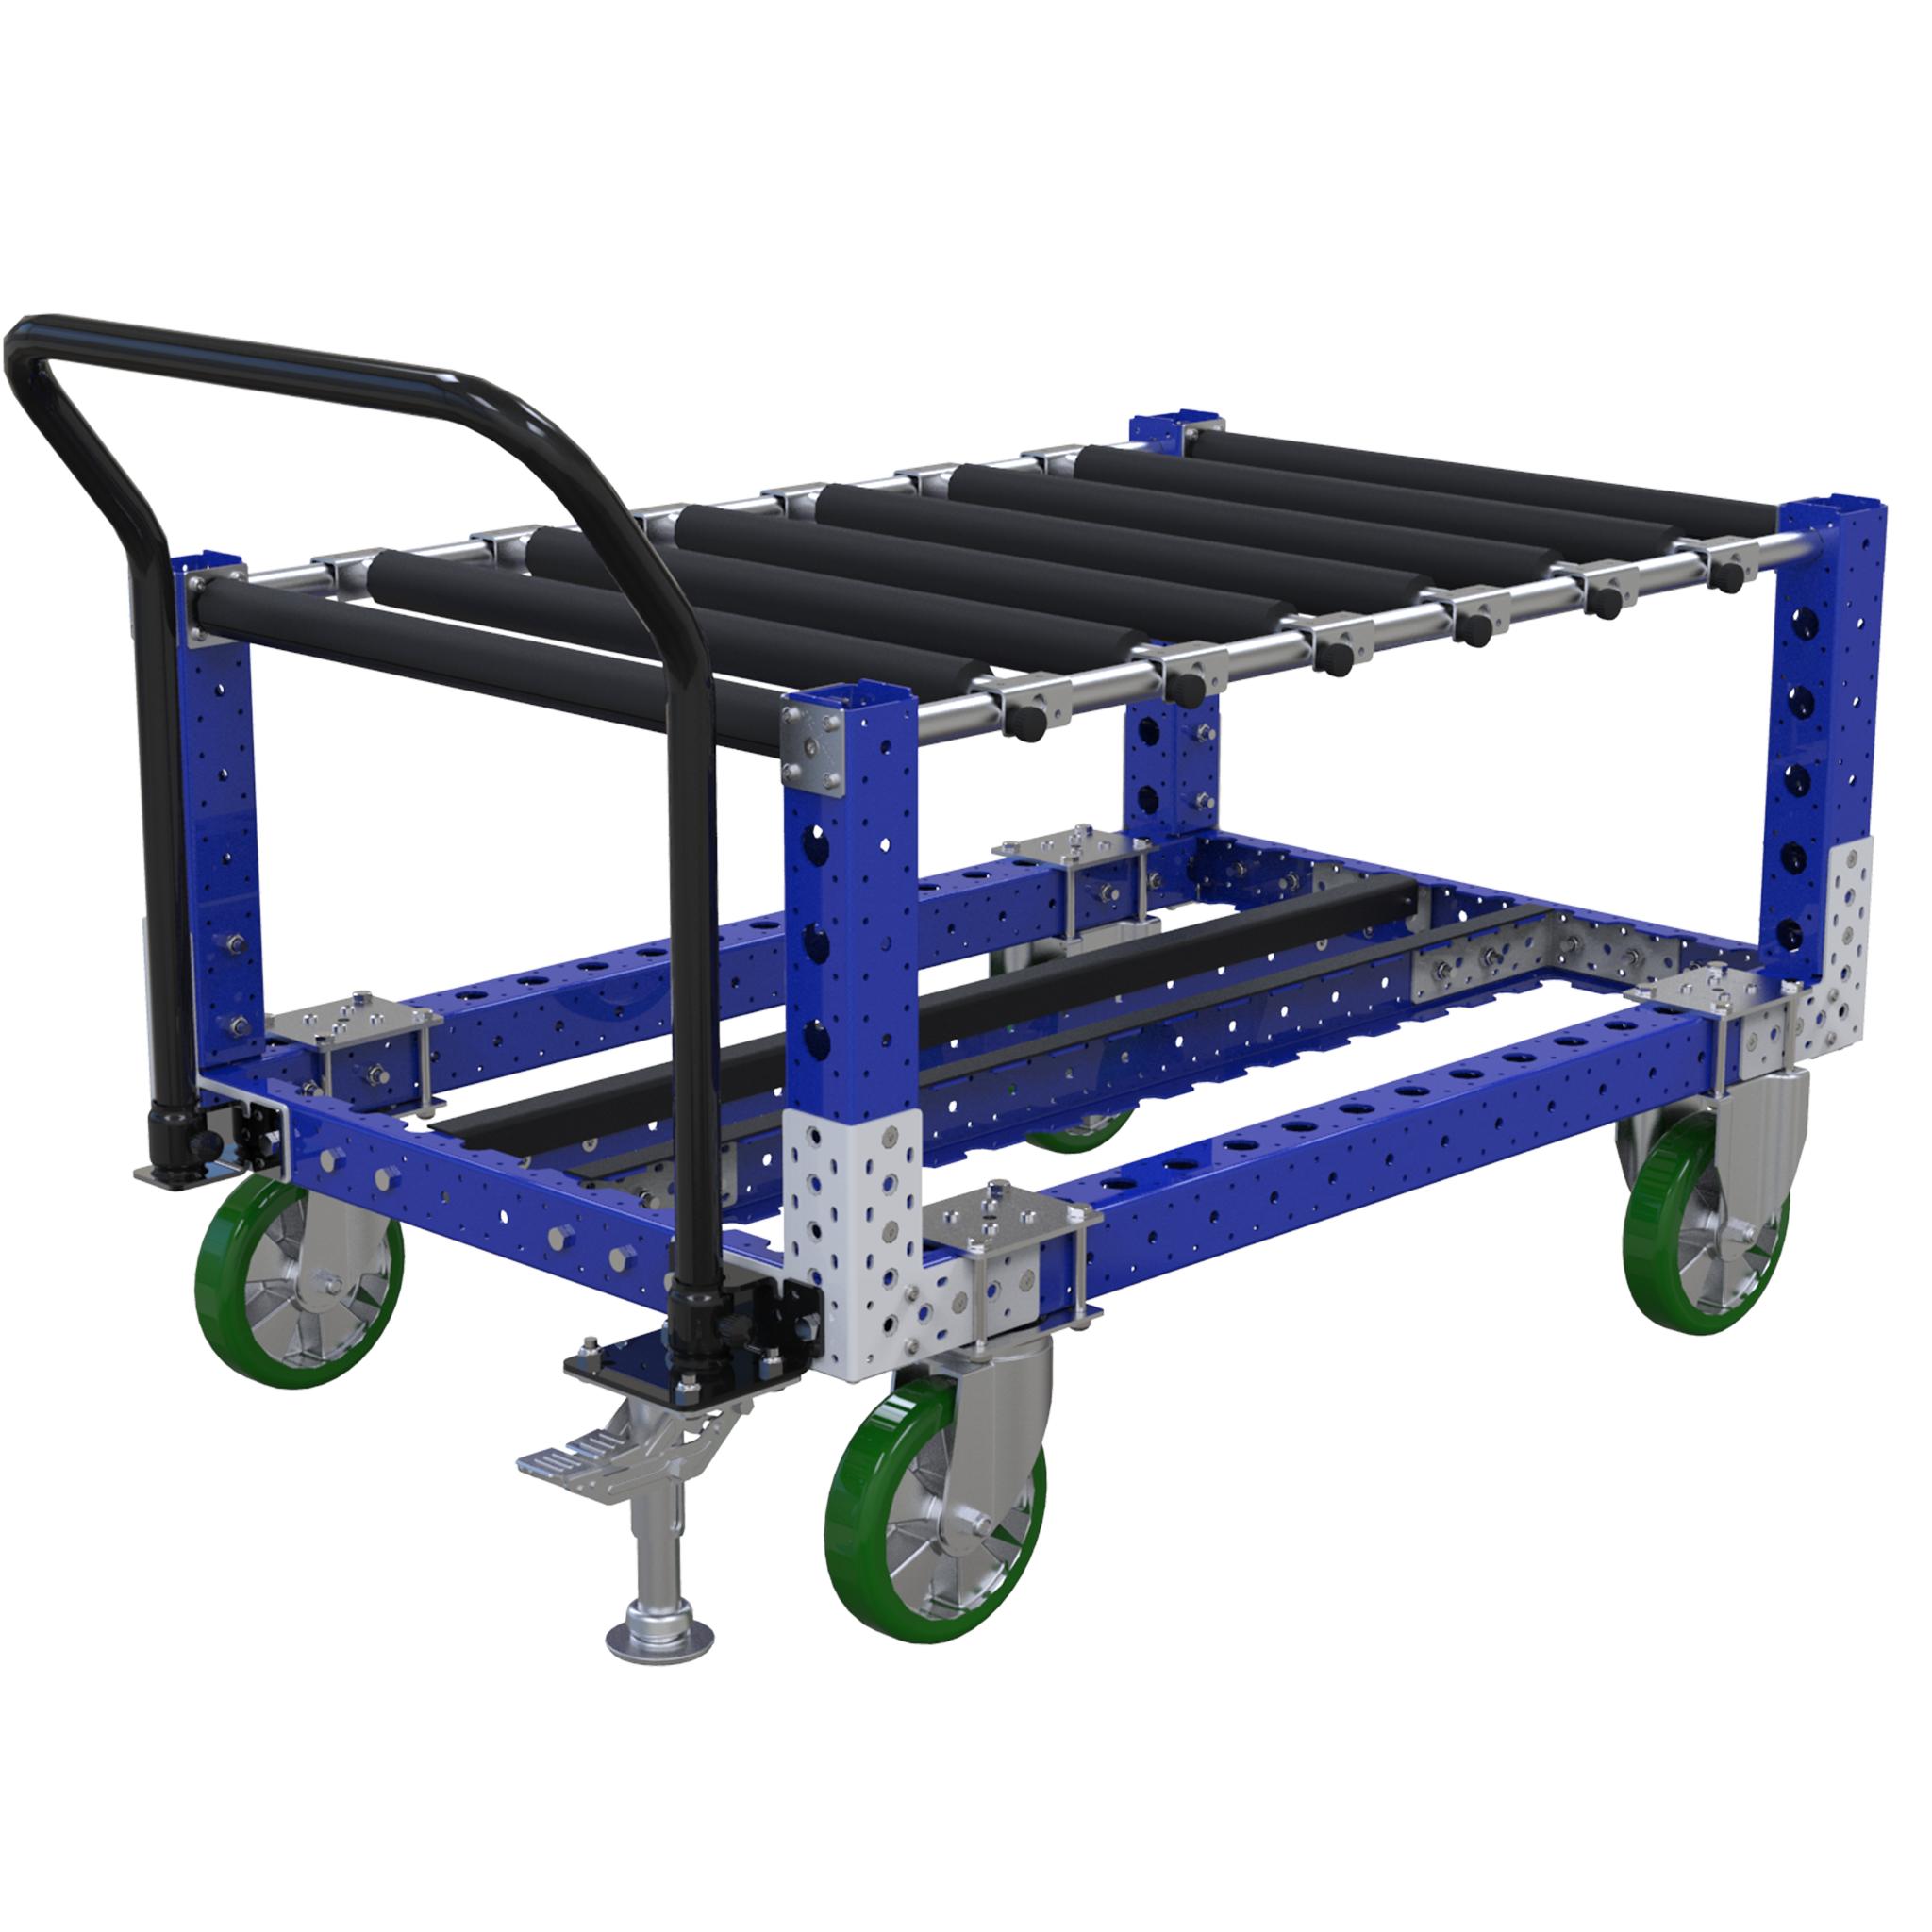 Kit Cart For Ring - 840 x 1260 mm